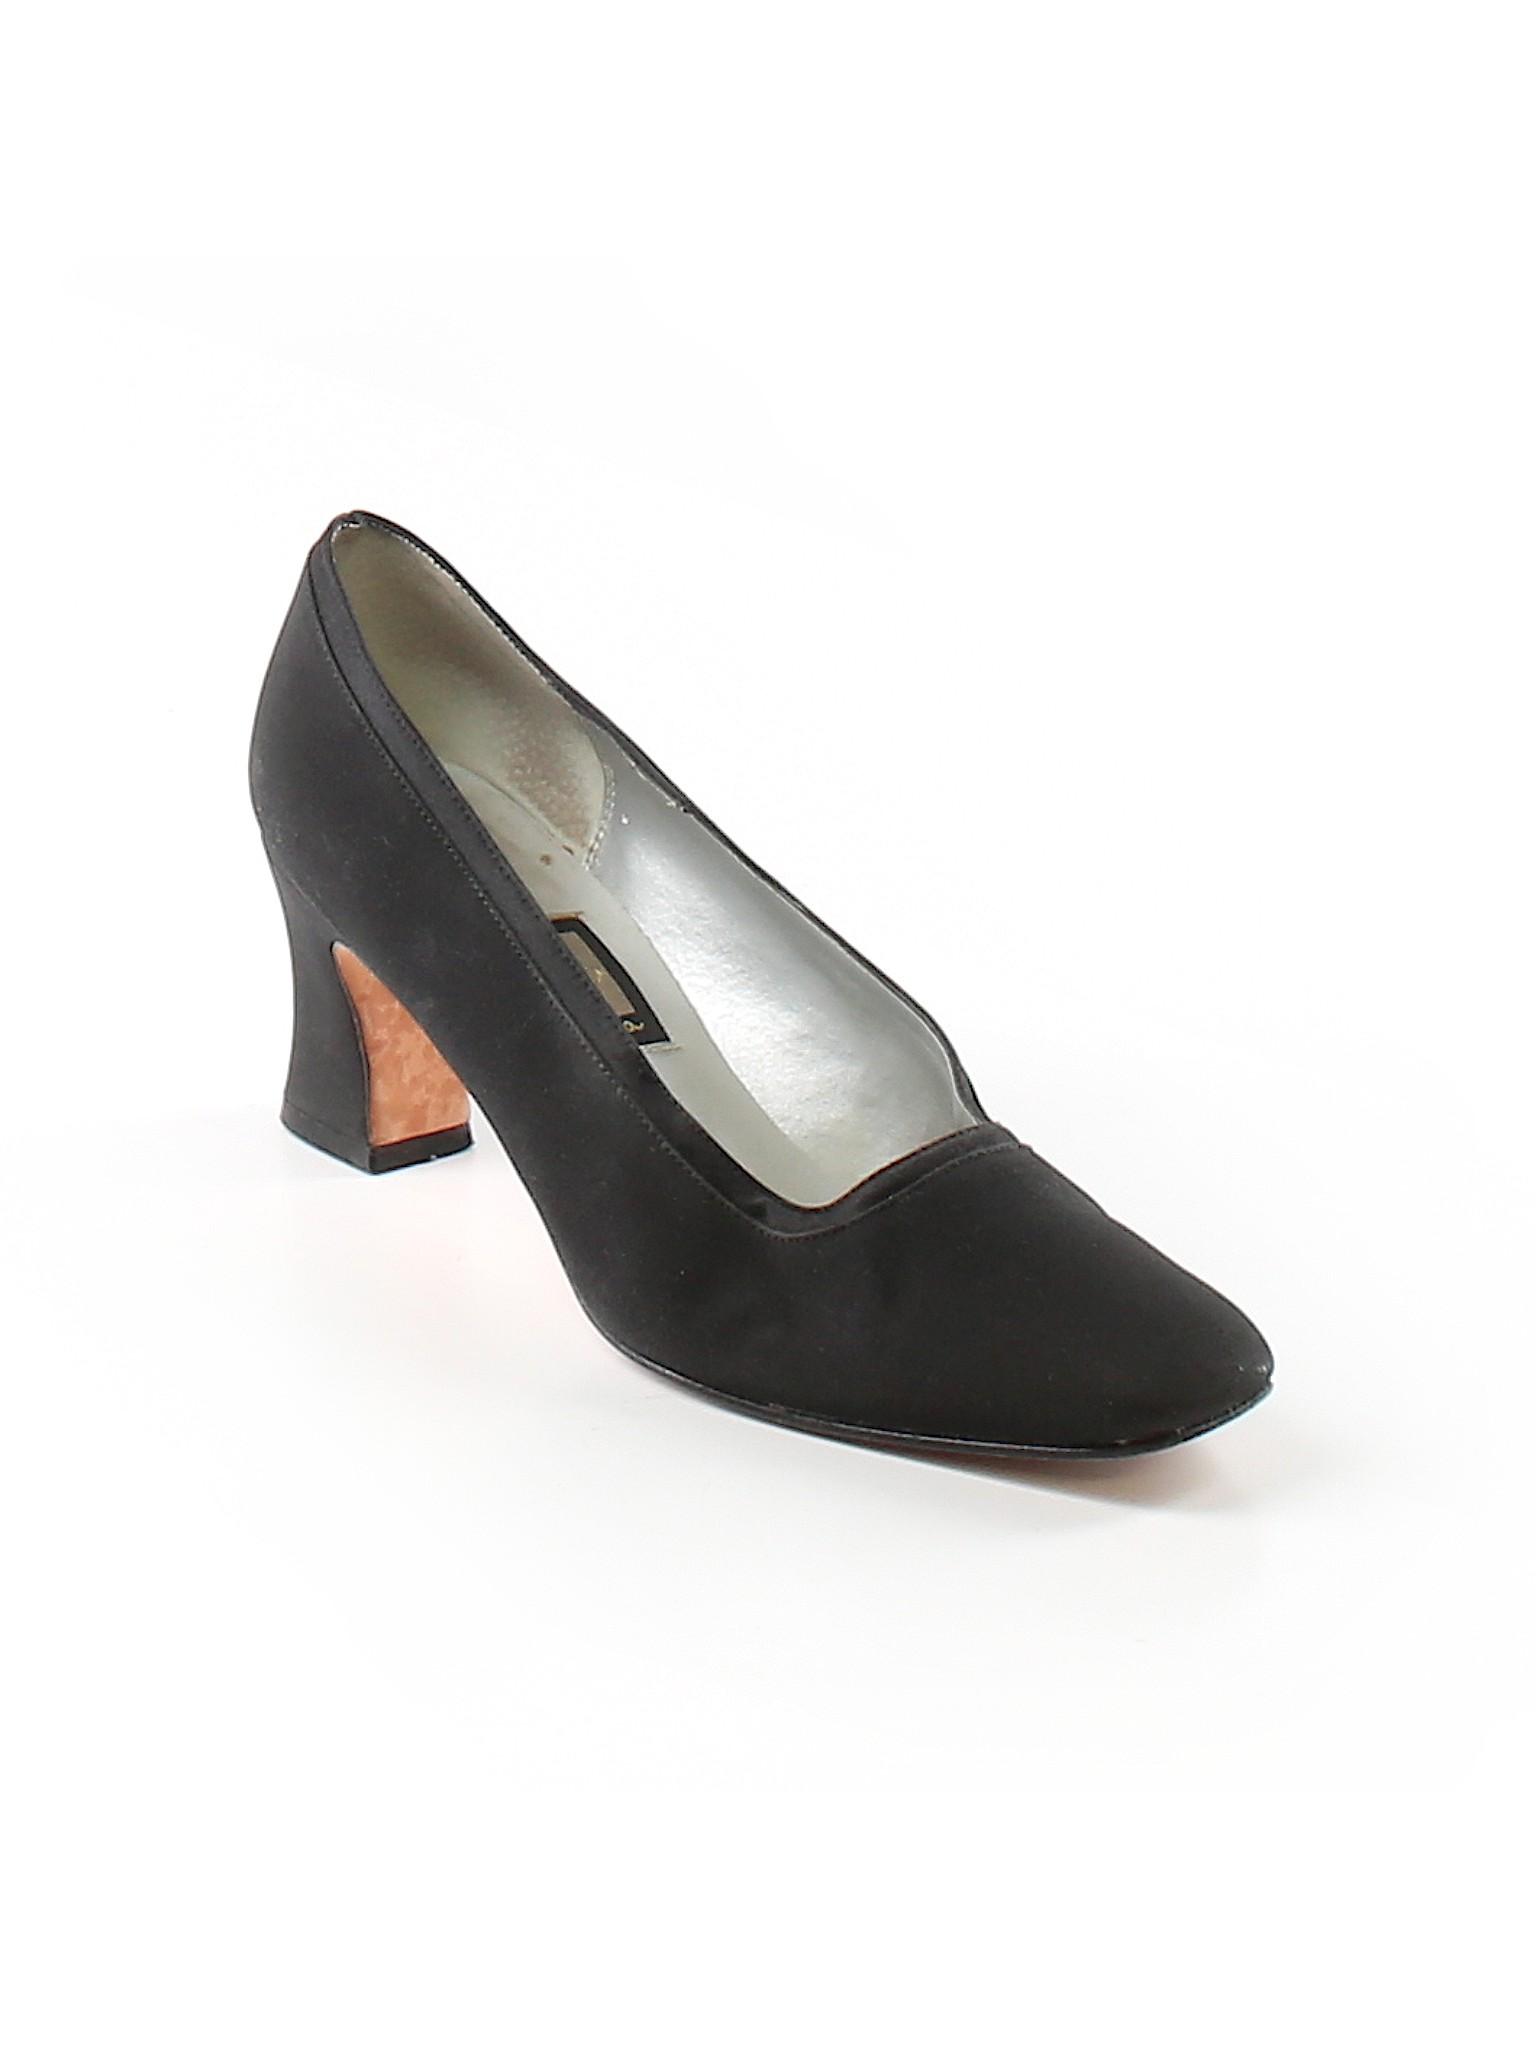 Boutique Boutique promotion Heels promotion Nina 4Y66WnzHvq